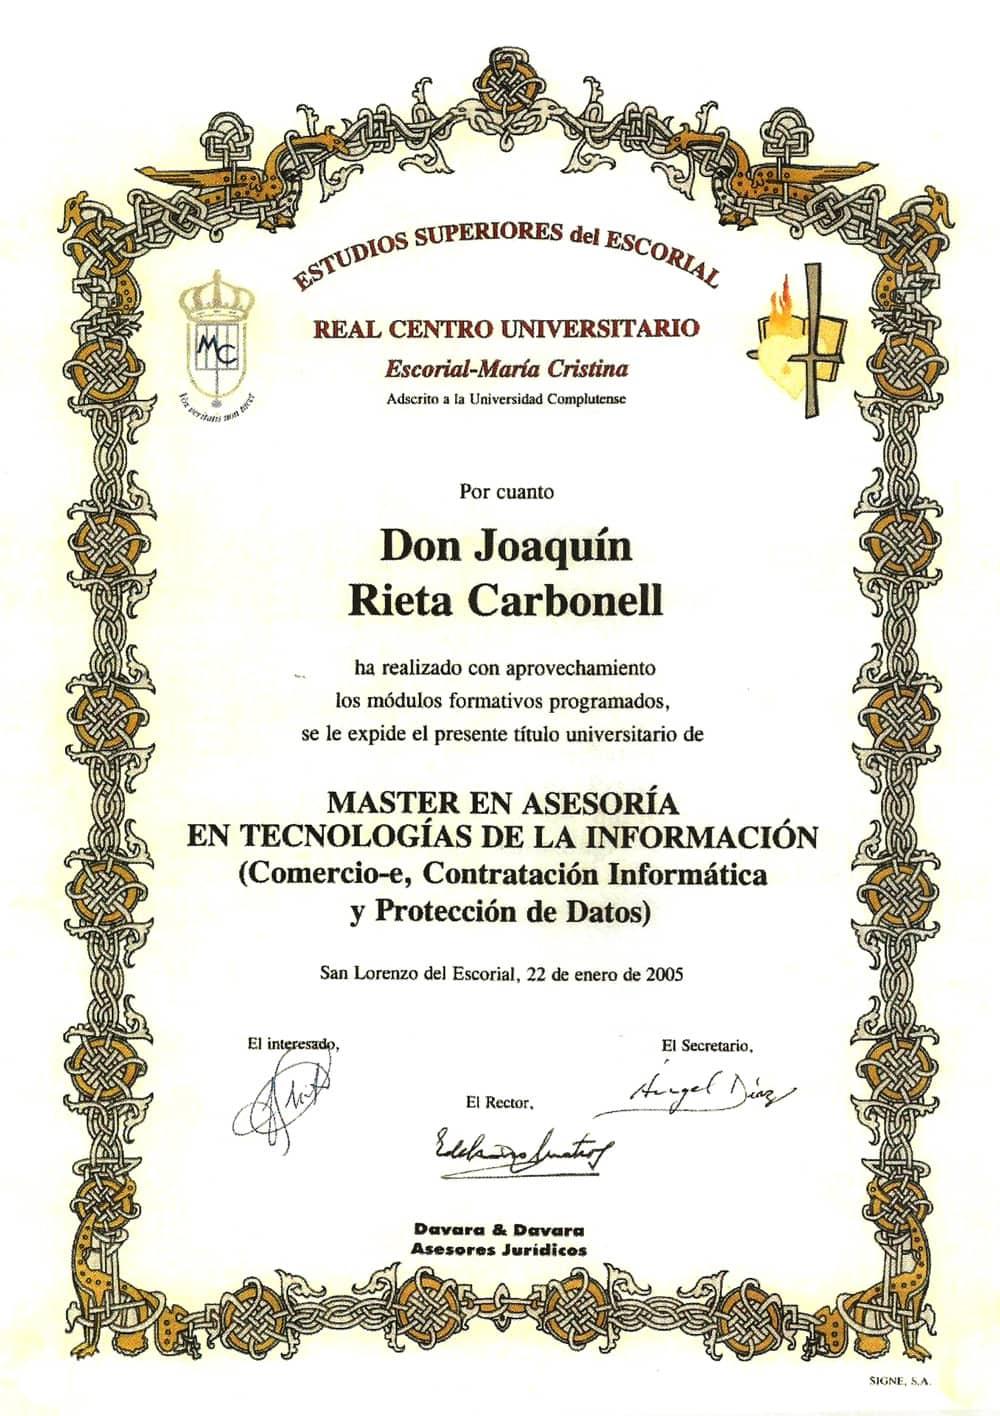 Máster en Asesoría en Tecnologías de la Información, protección de datos, contratación informática y comercio electrónico